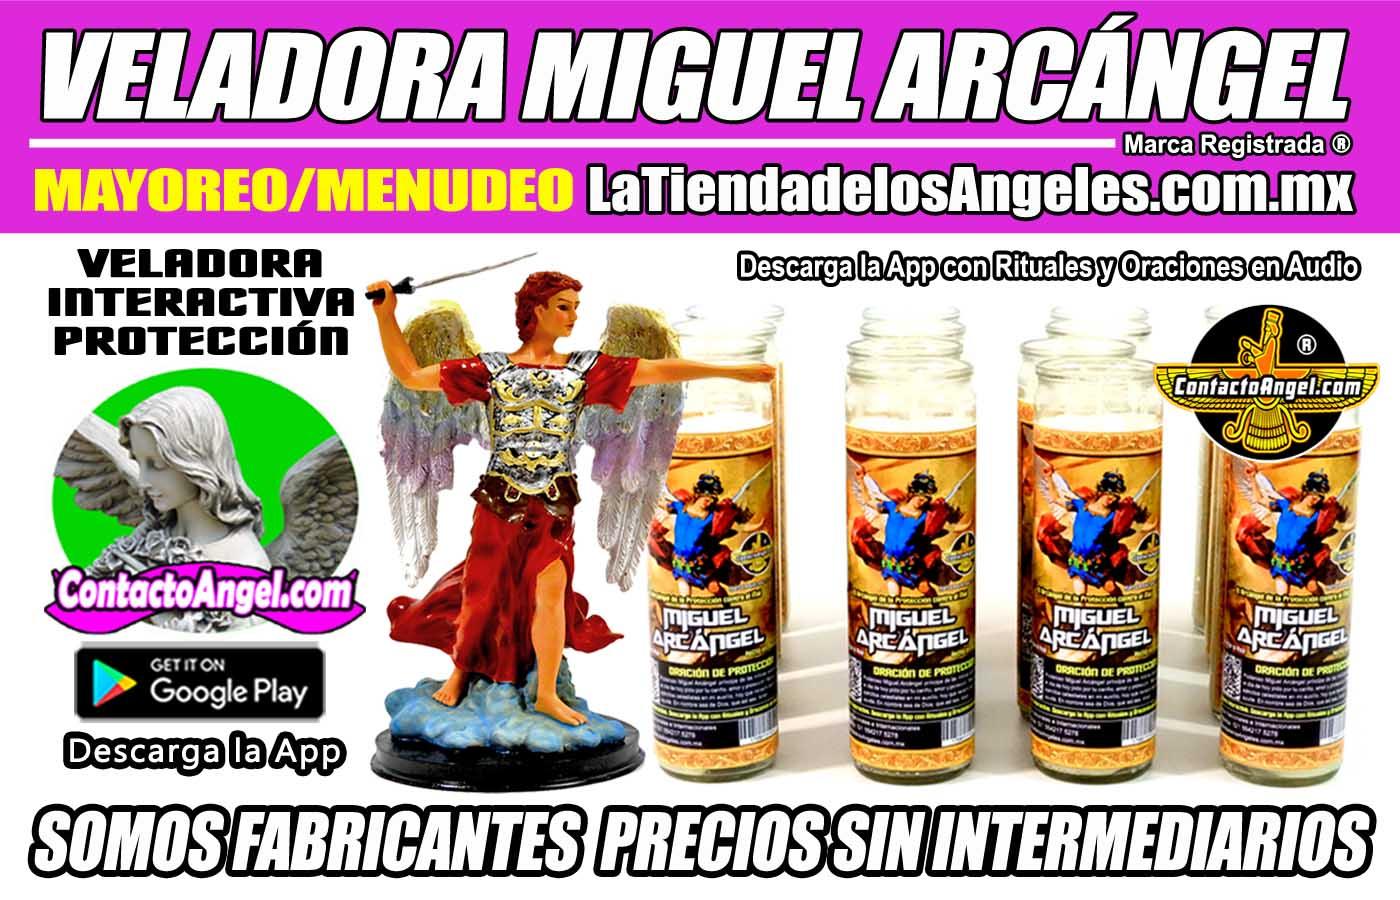 Fábrica de Veladoras Esotéricas Ciudad de México CDMX Mayoreo y Menudeo - LaTiendadelosAngeles A3